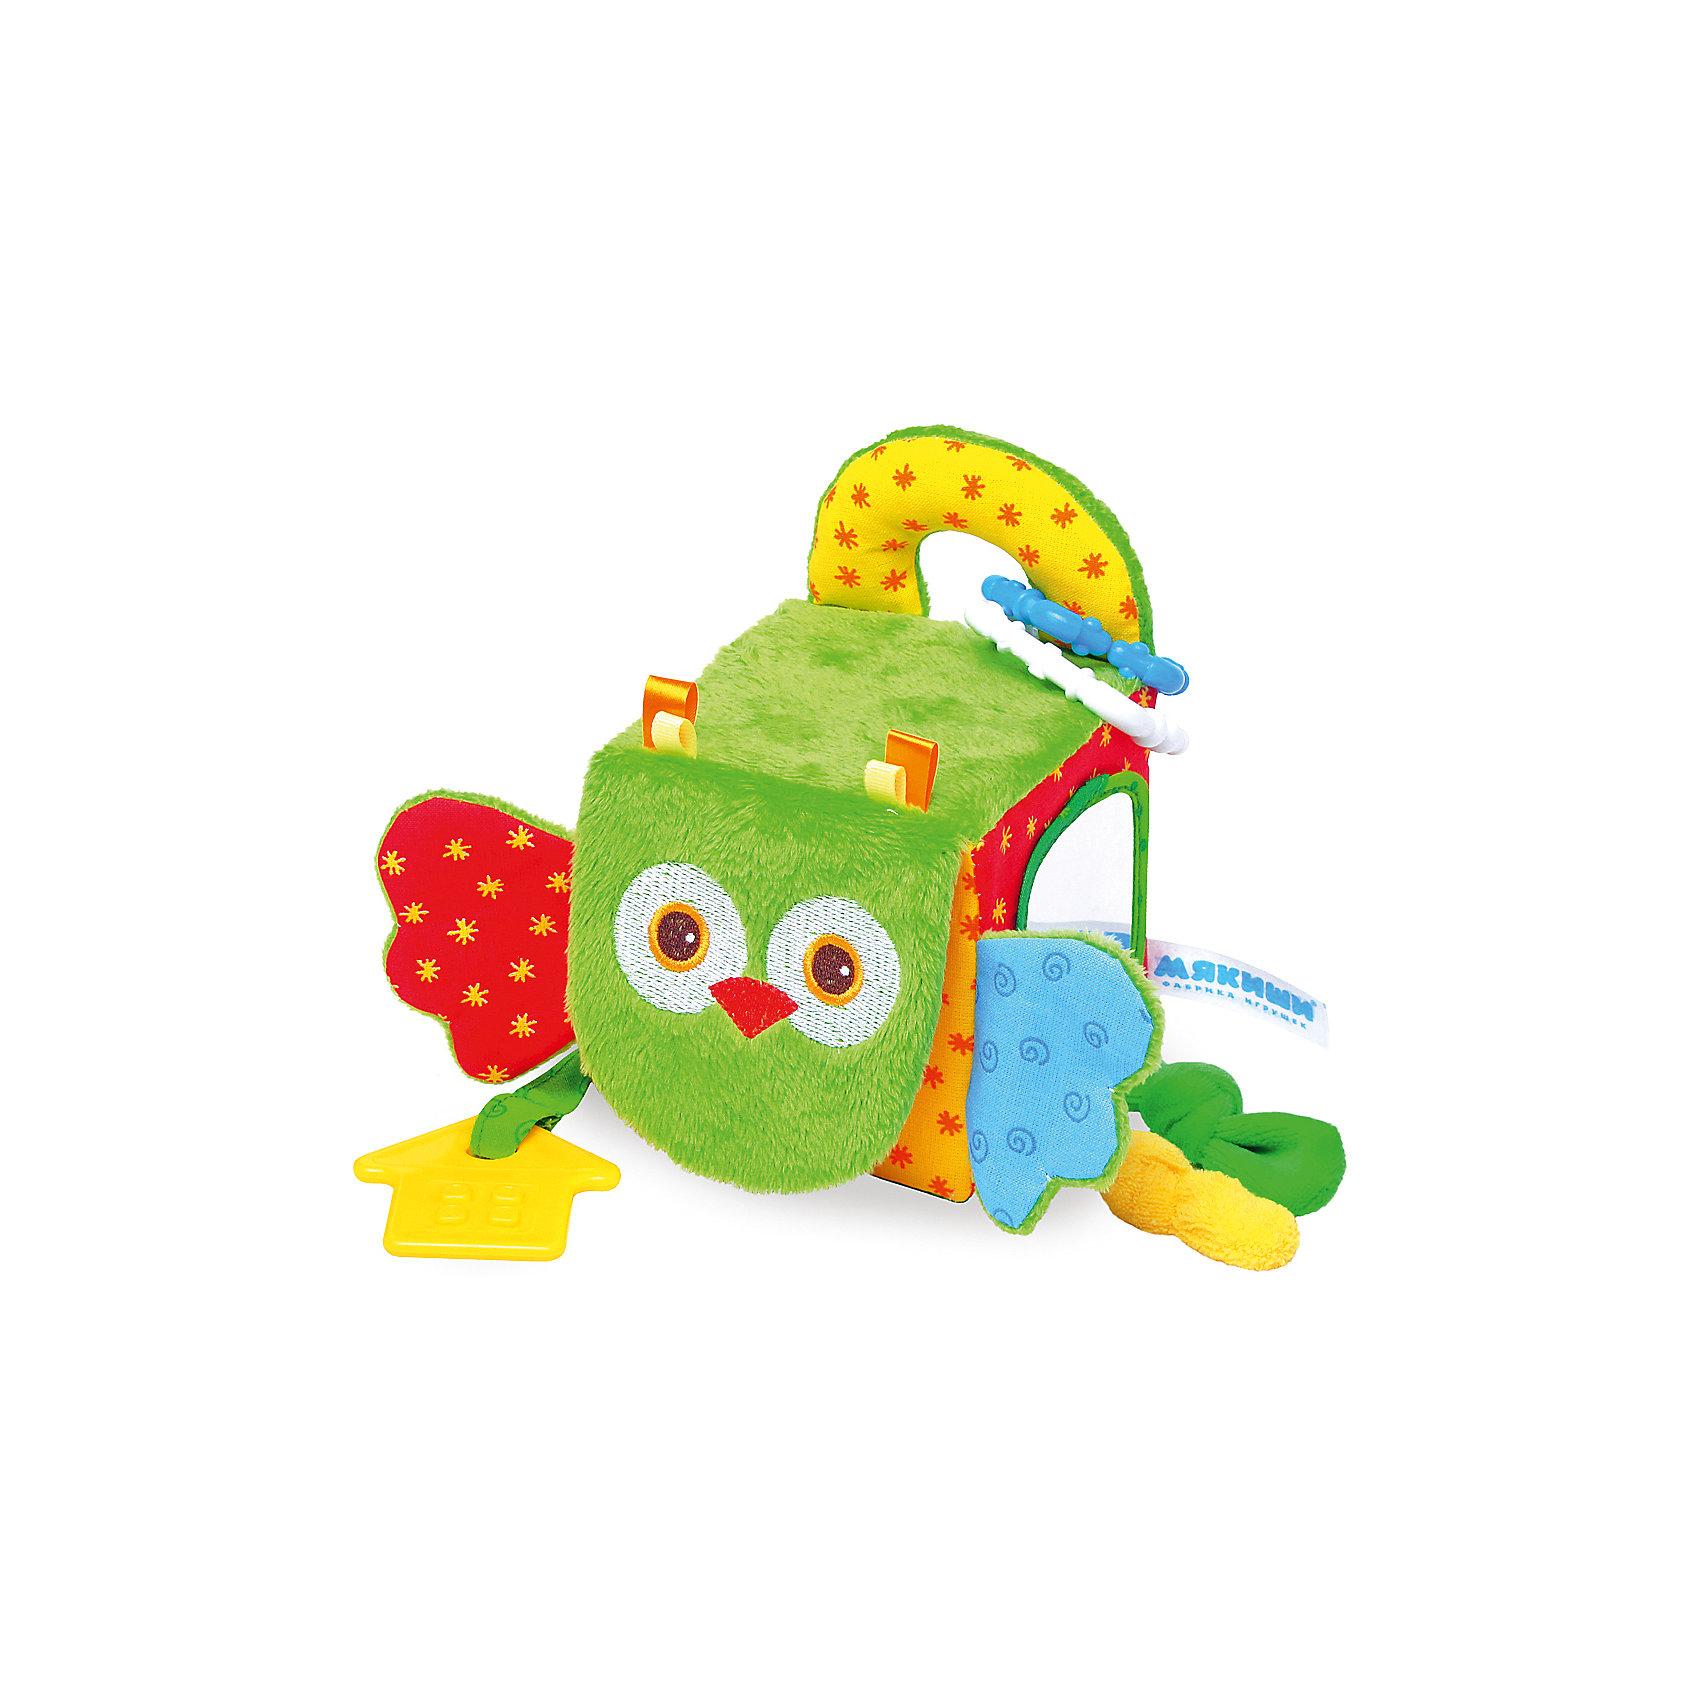 Кубик Сова, МякишиХарактеристики товара:<br><br>• материал: разнофактурный текстиль, поролон<br>• комплектация: 1 шт<br>• размер игрушки: 5х20х10 см<br>• звуковой элемент<br>• подвес<br>• прорезыватель<br>• развивающая игрушка<br>• упаковка: картон<br>• страна бренда: РФ<br>• страна изготовитель: РФ<br><br>Малыши активно познают мир и тянутся к новой информации. Чтобы сделать процесс изучения окружающего пространства интереснее, ребенку можно подарить развивающие игрушки. В процессе игры информация усваивается намного лучше!<br>Такие игрушки помогут занять малыша, играть ими приятно и весело. Одновременно они позволят познакомиться со многими цветами, фактурами, а также научиться извлекать звук. Подобные игрушки развивают тактильные ощущения, моторику, цветовосприятие, логику, воображение, учат фокусировать внимание. Каждое изделие абсолютно безопасно – оно создано из качественной ткани с мягким наполнителем. Игрушки производятся из качественных и проверенных материалов, которые безопасны для детей.<br><br>Кубик Сова от бренда Мякиши можно купить в нашем интернет-магазине.<br><br>Ширина мм: 155<br>Глубина мм: 200<br>Высота мм: 100<br>Вес г: 90<br>Возраст от месяцев: 12<br>Возраст до месяцев: 36<br>Пол: Унисекс<br>Возраст: Детский<br>SKU: 5183213